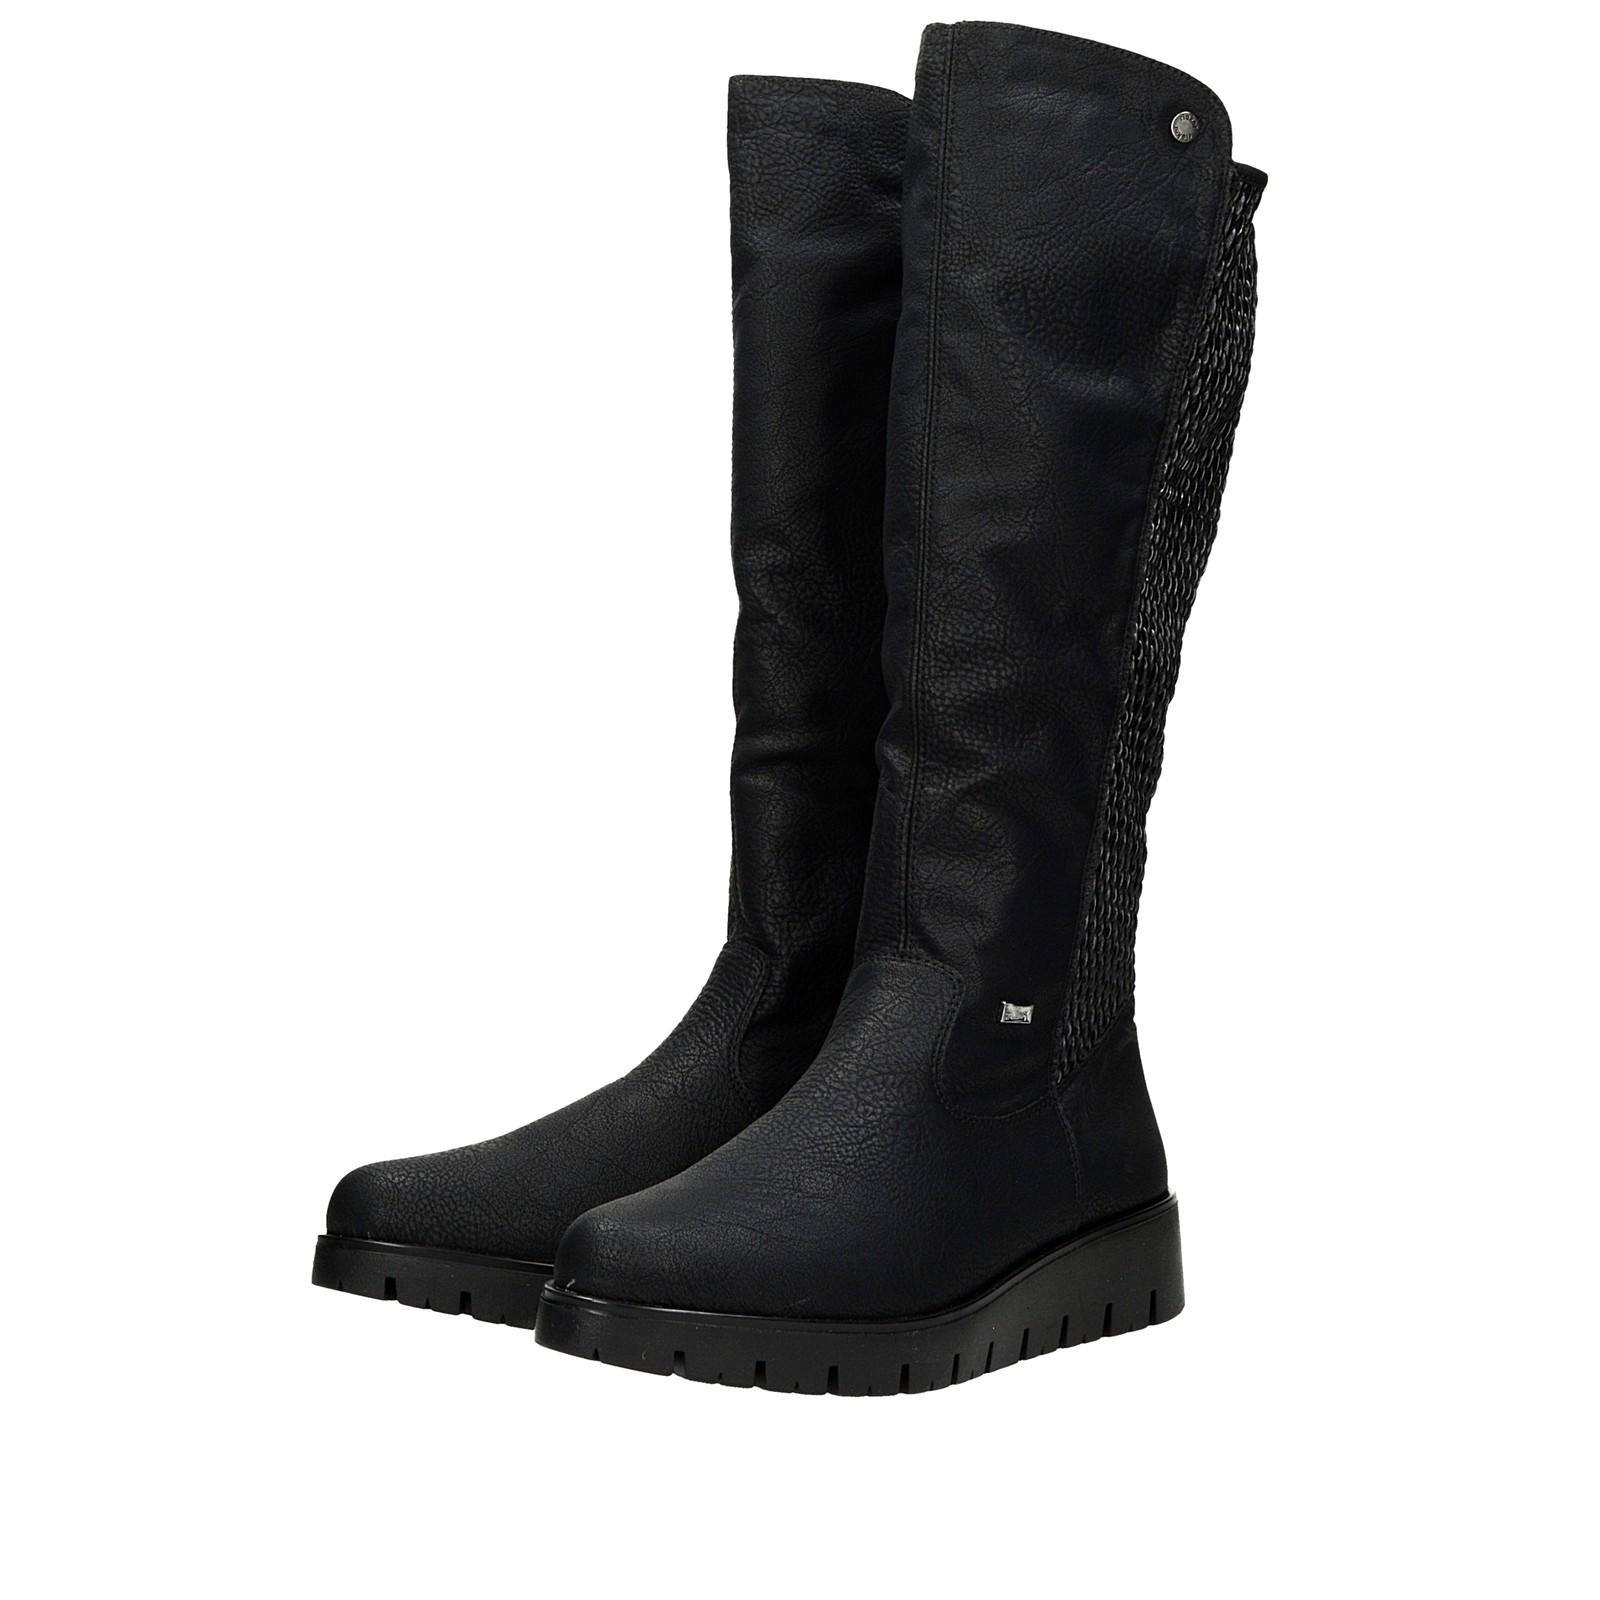 4ce8434ebd30e Rieker dámske zateplené vysoké čižmy - čierne | X239000-BLK www.robel.sk